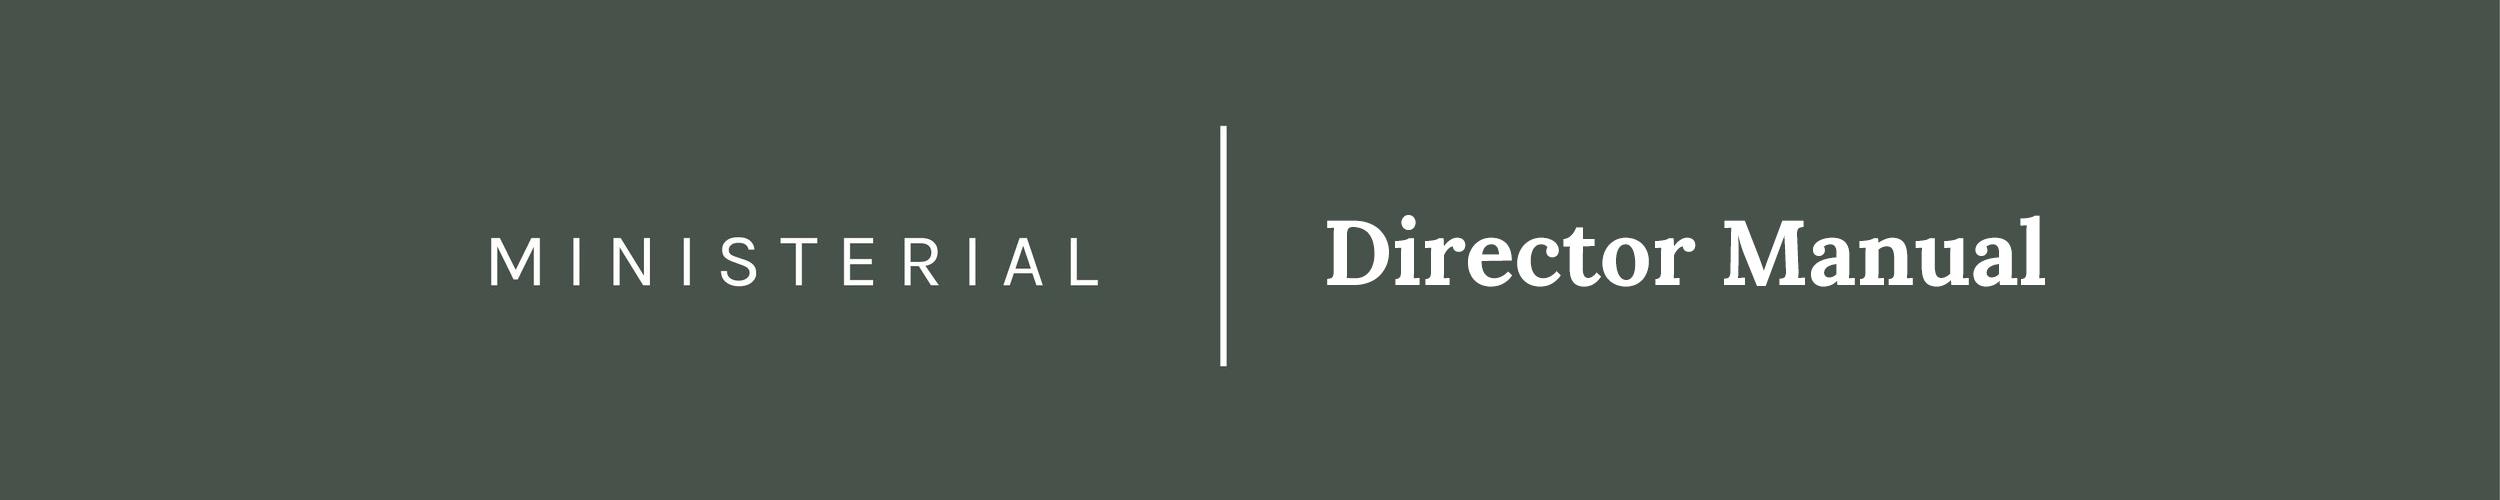 Director Manual.jpg